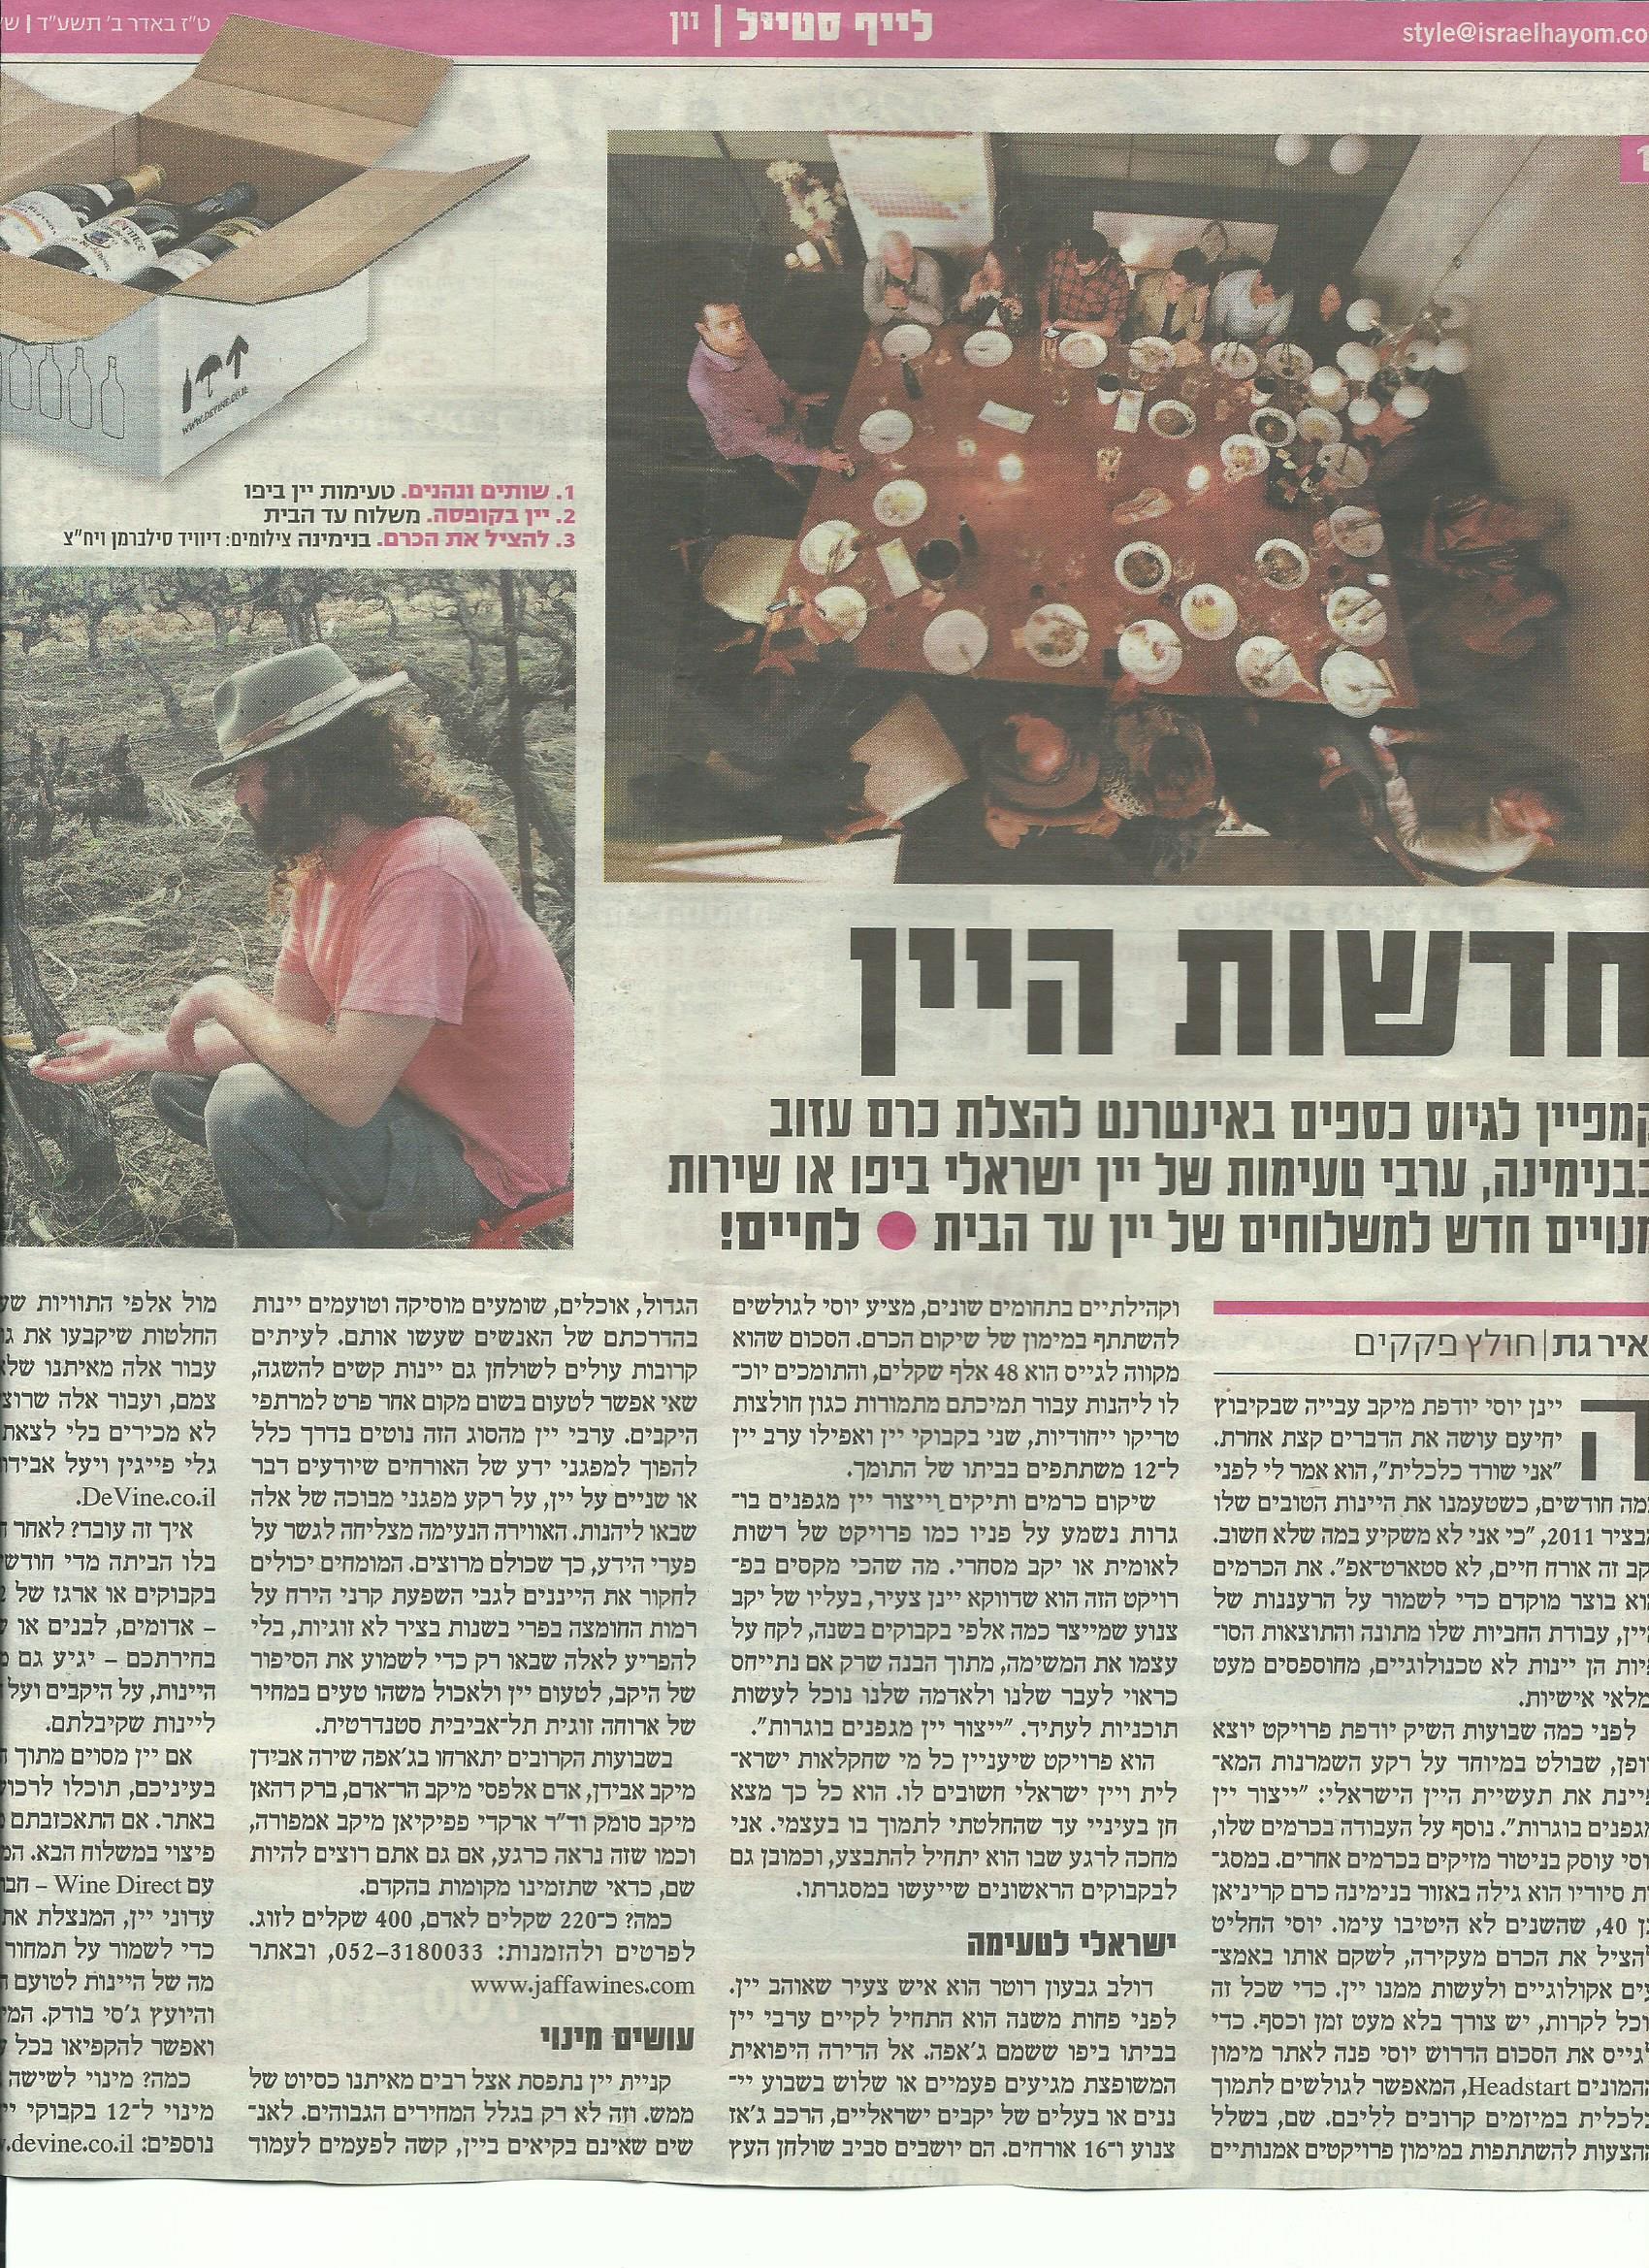 חדשות היין- יאיר גת, ישראל היום, 18.3.2014